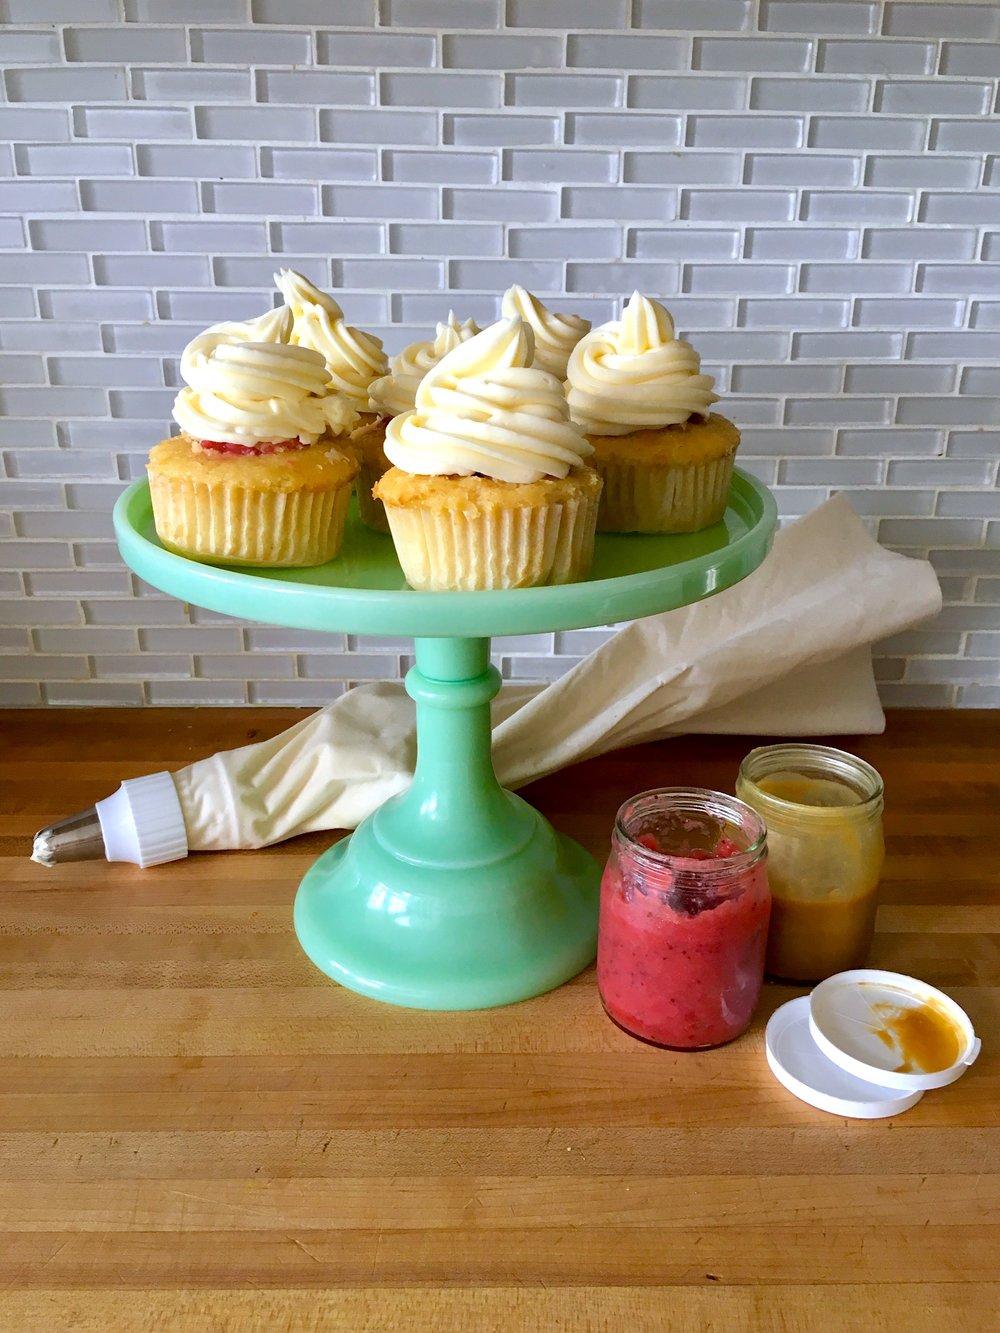 van cupcakes15.jpg